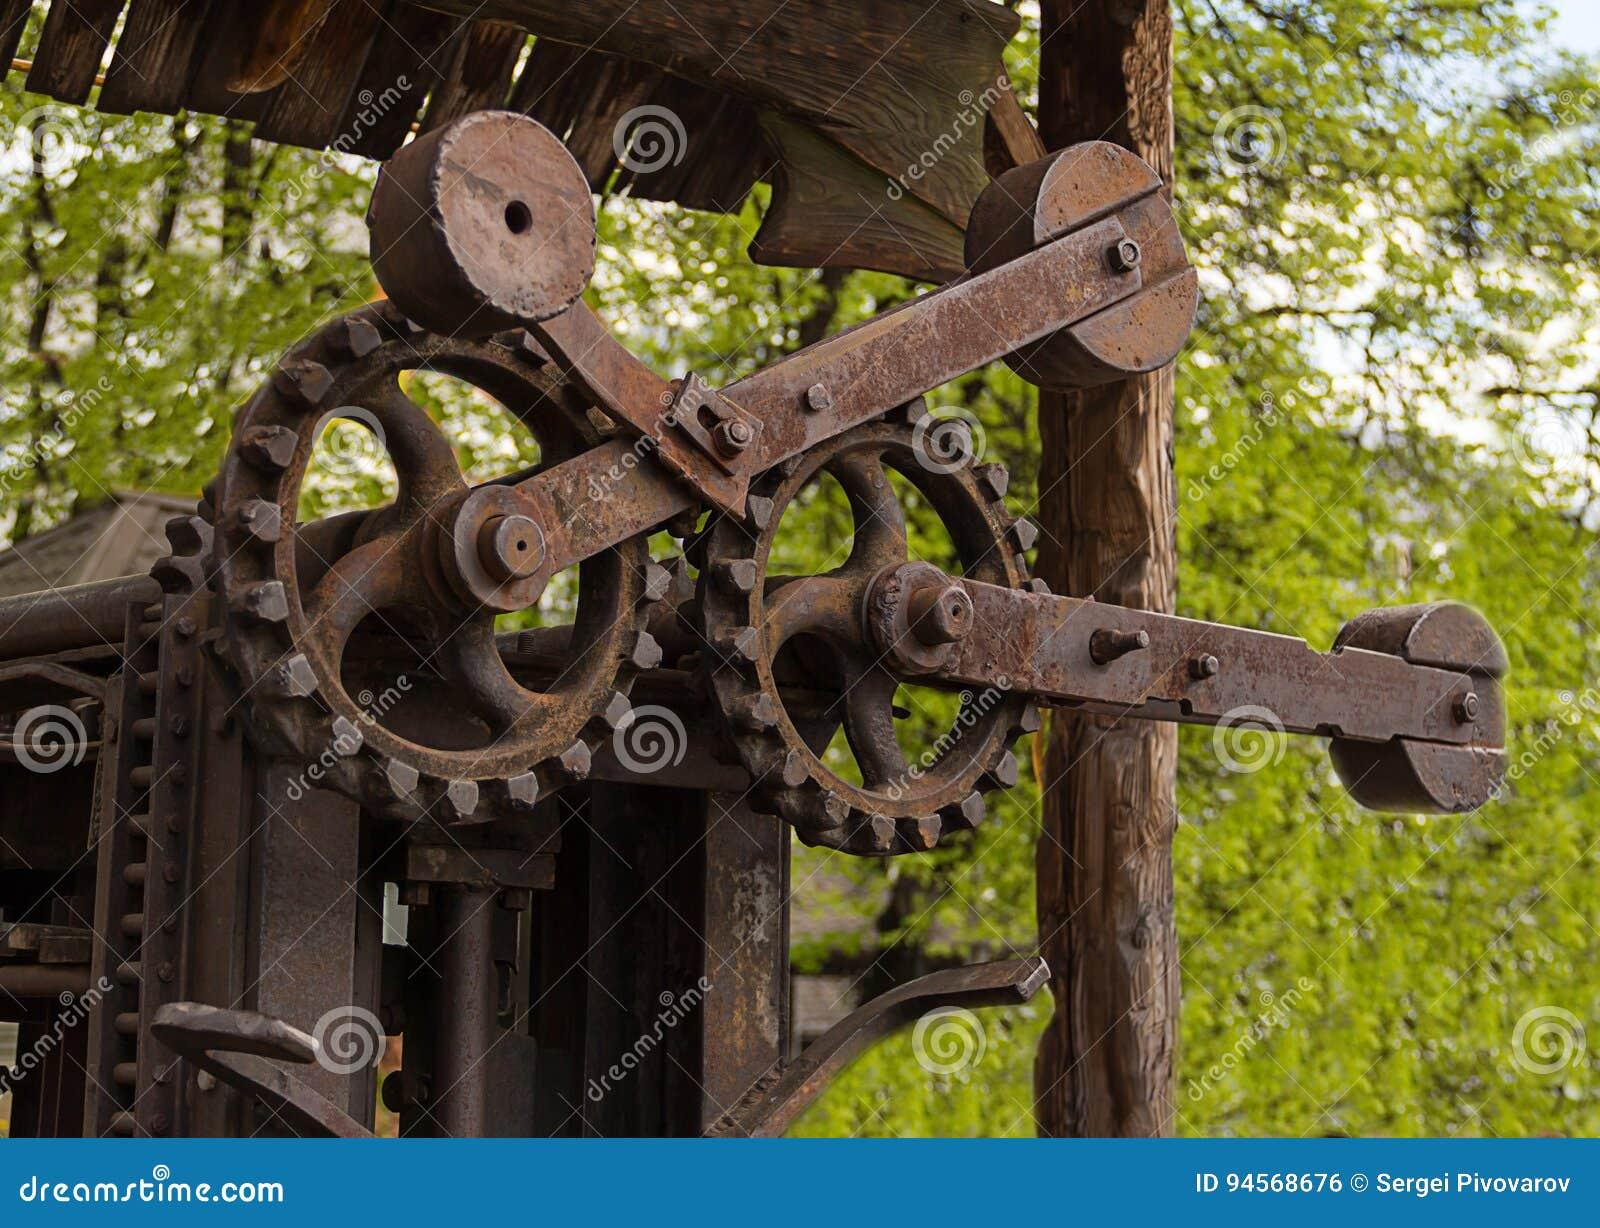 Mecanismo de engrenagem dentado velho oxidado do fundo industrial grande